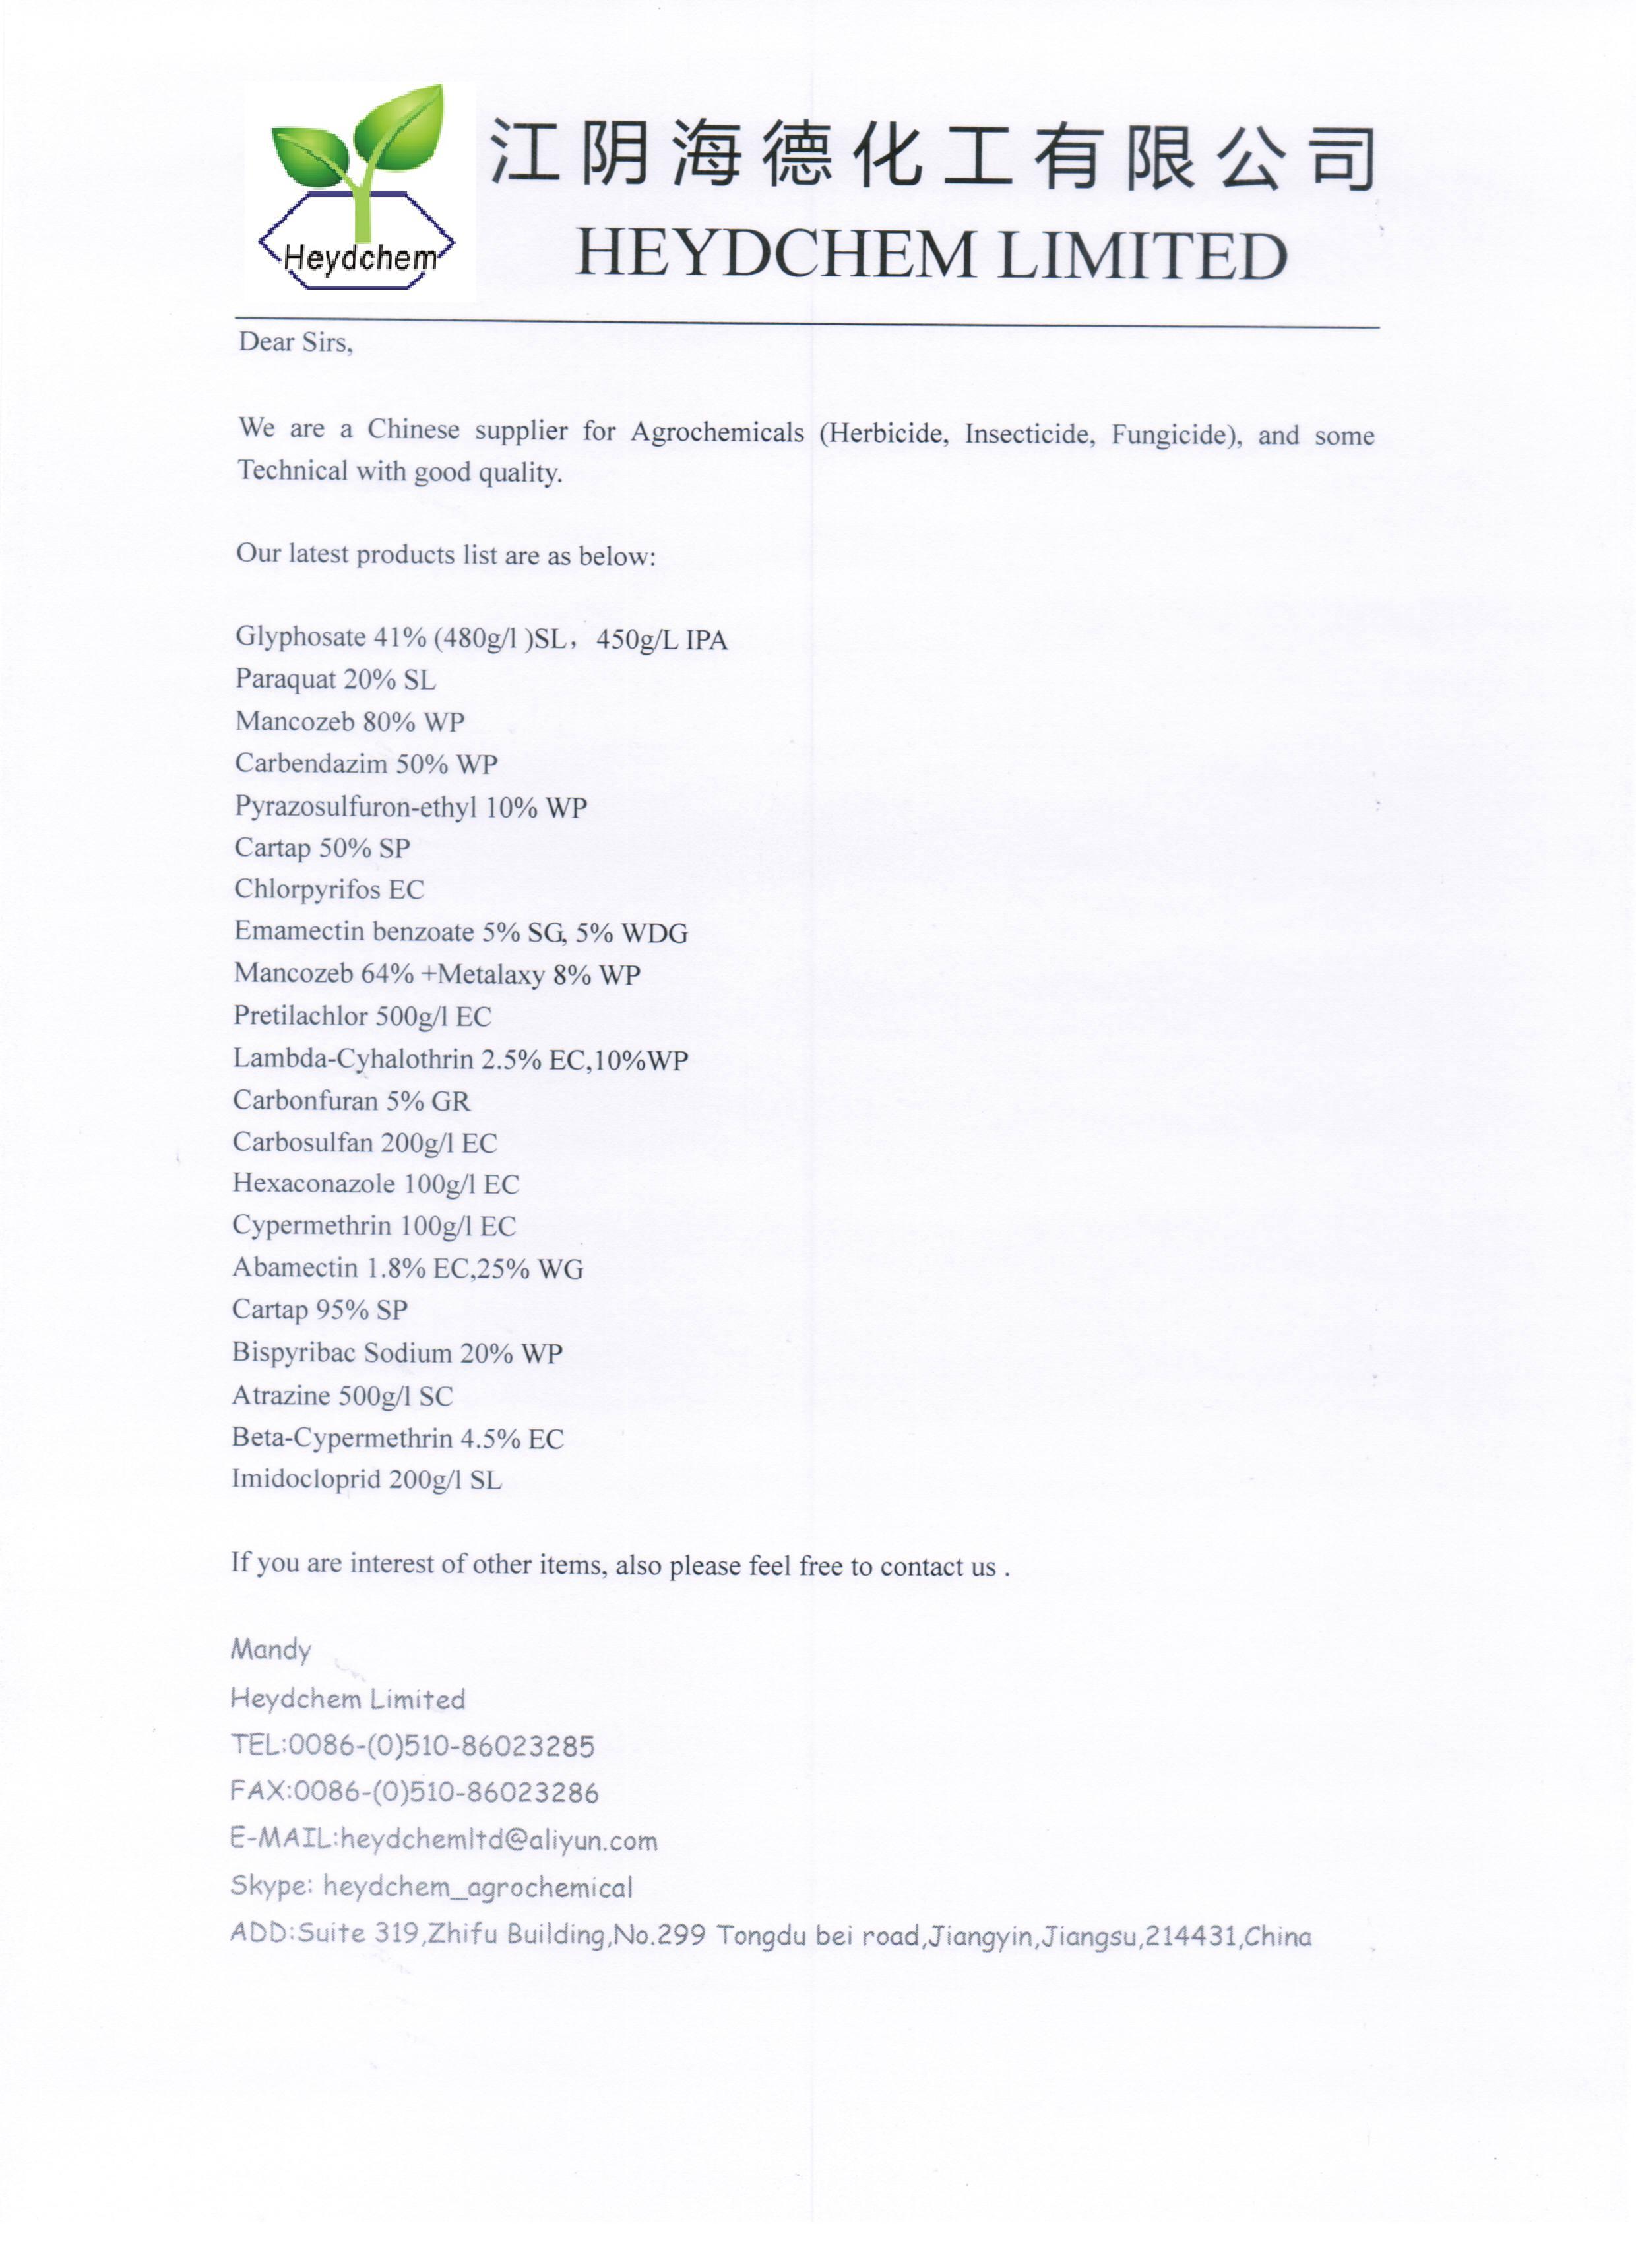 Abamectin 1.8% EC,25% WG